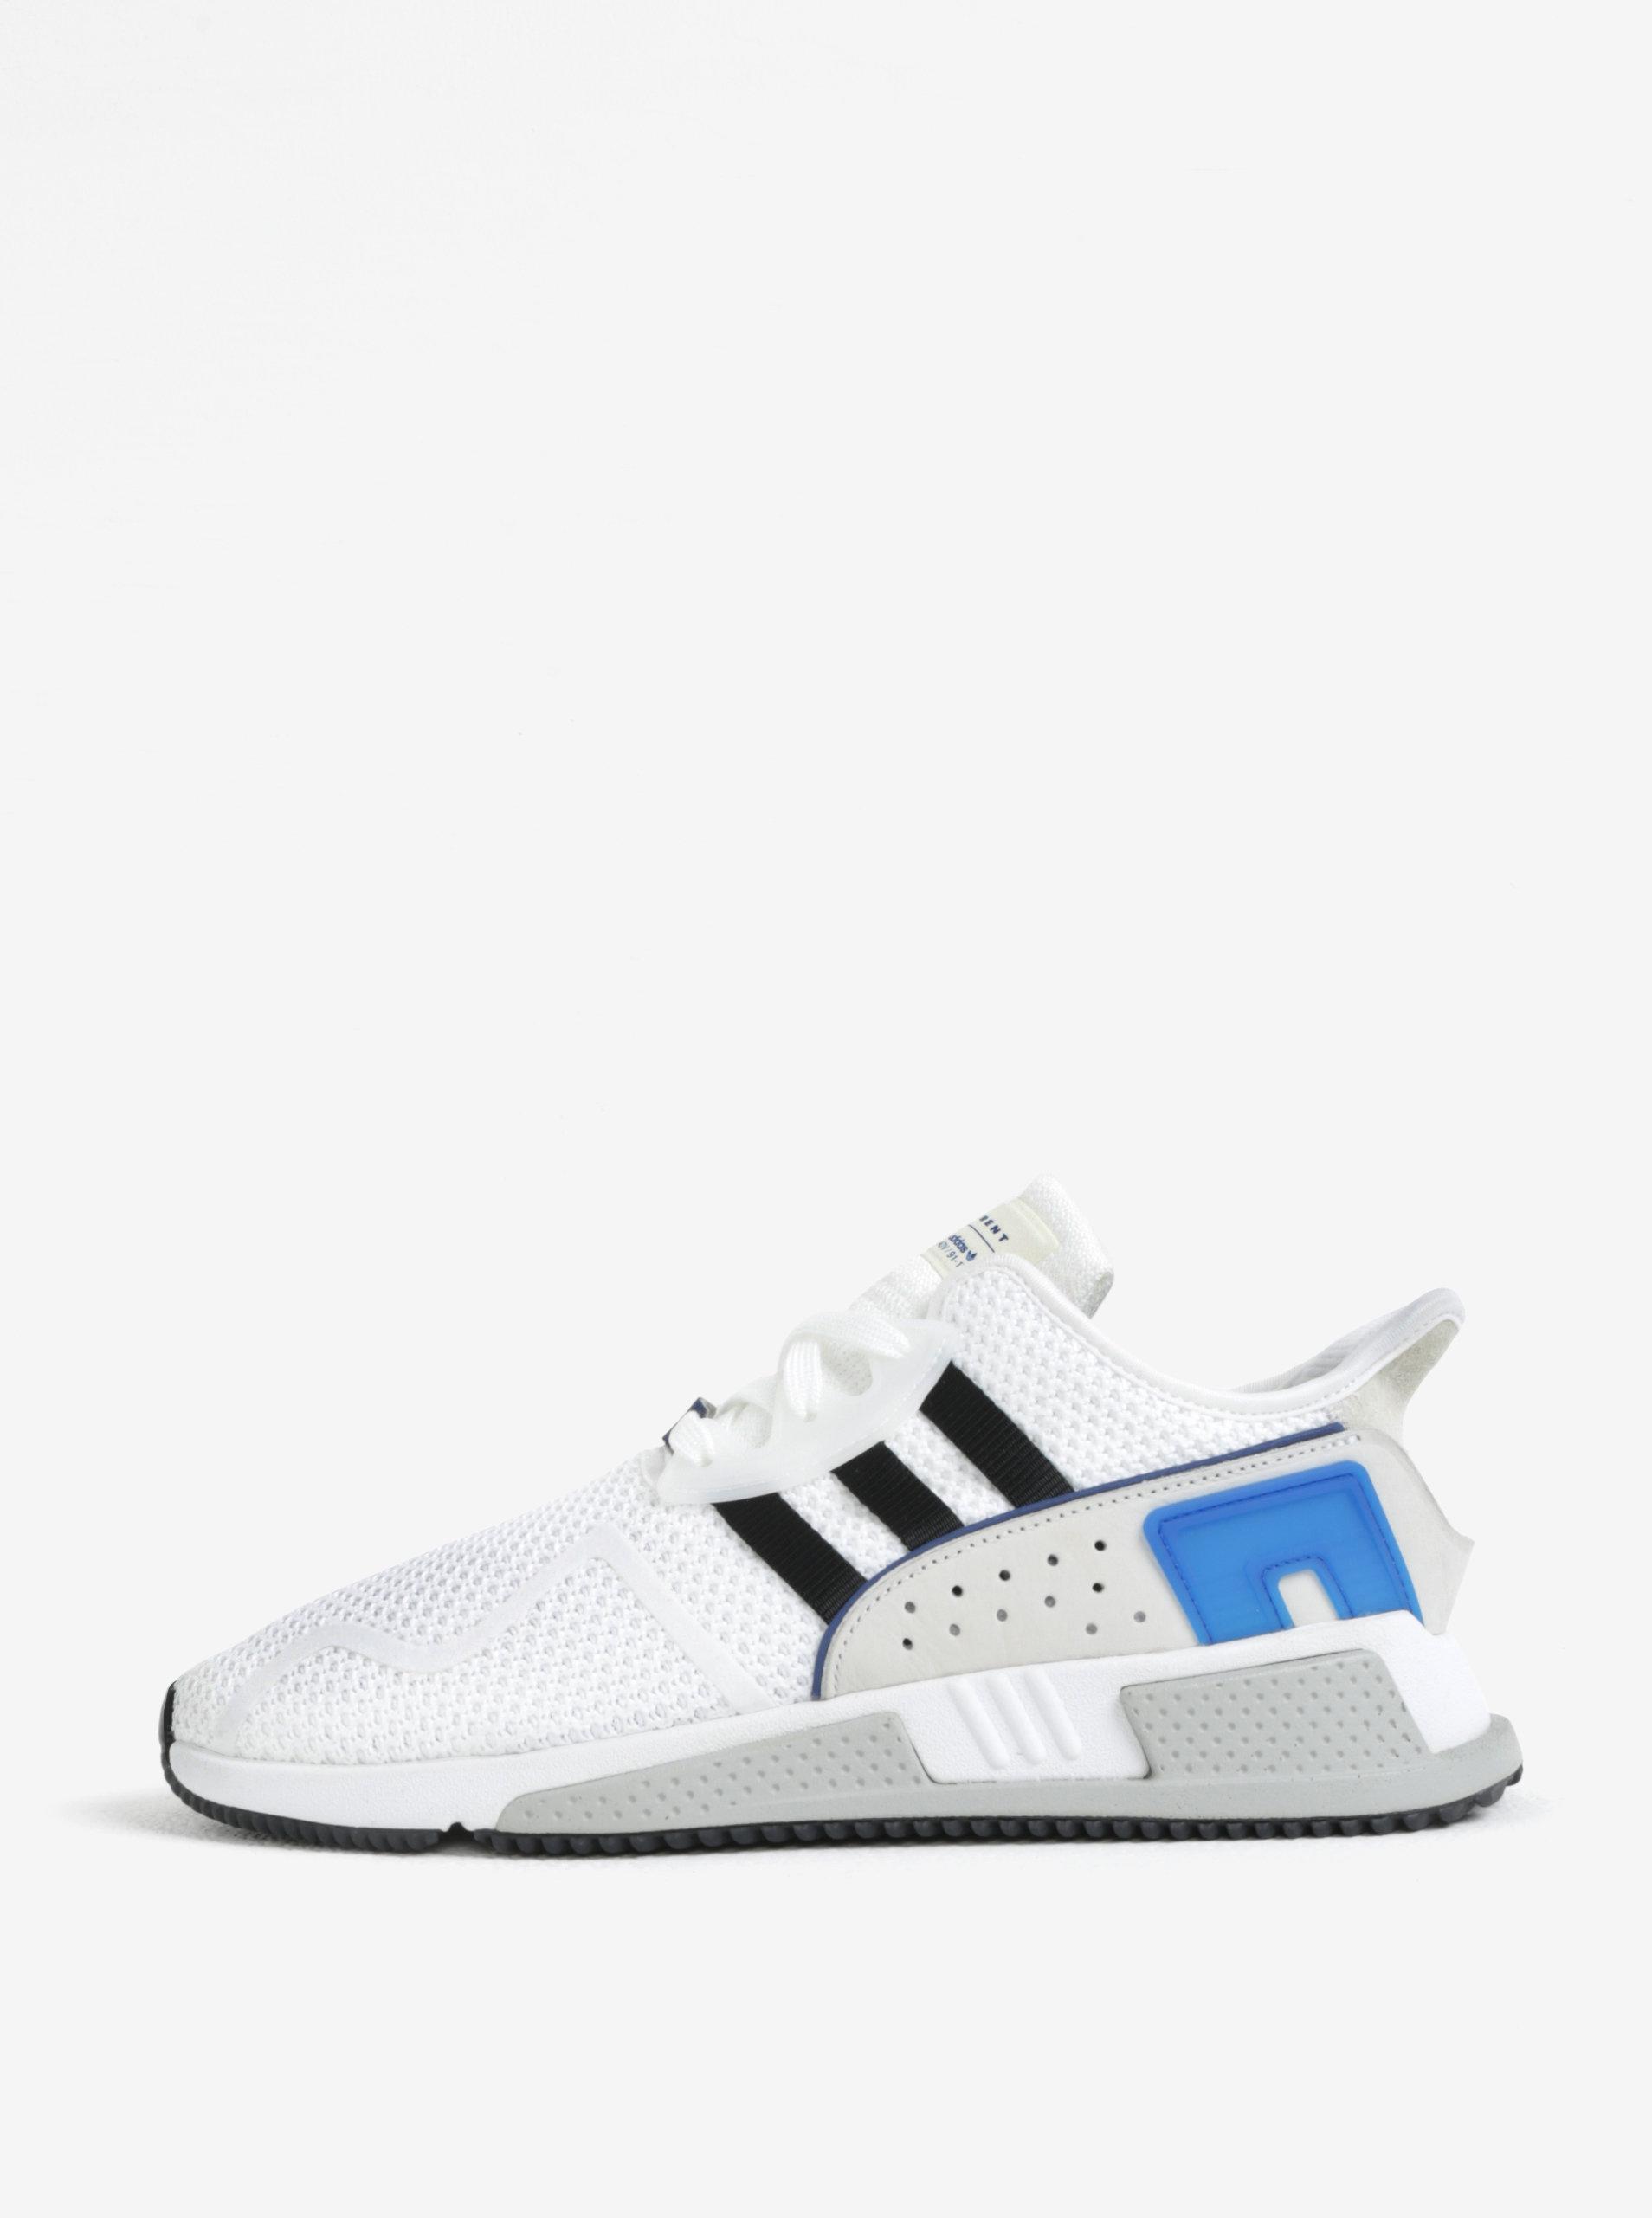 2a12f8715a1d9 Biele pánske tenisky adidas Originals EQT Cushion | ZOOT.sk